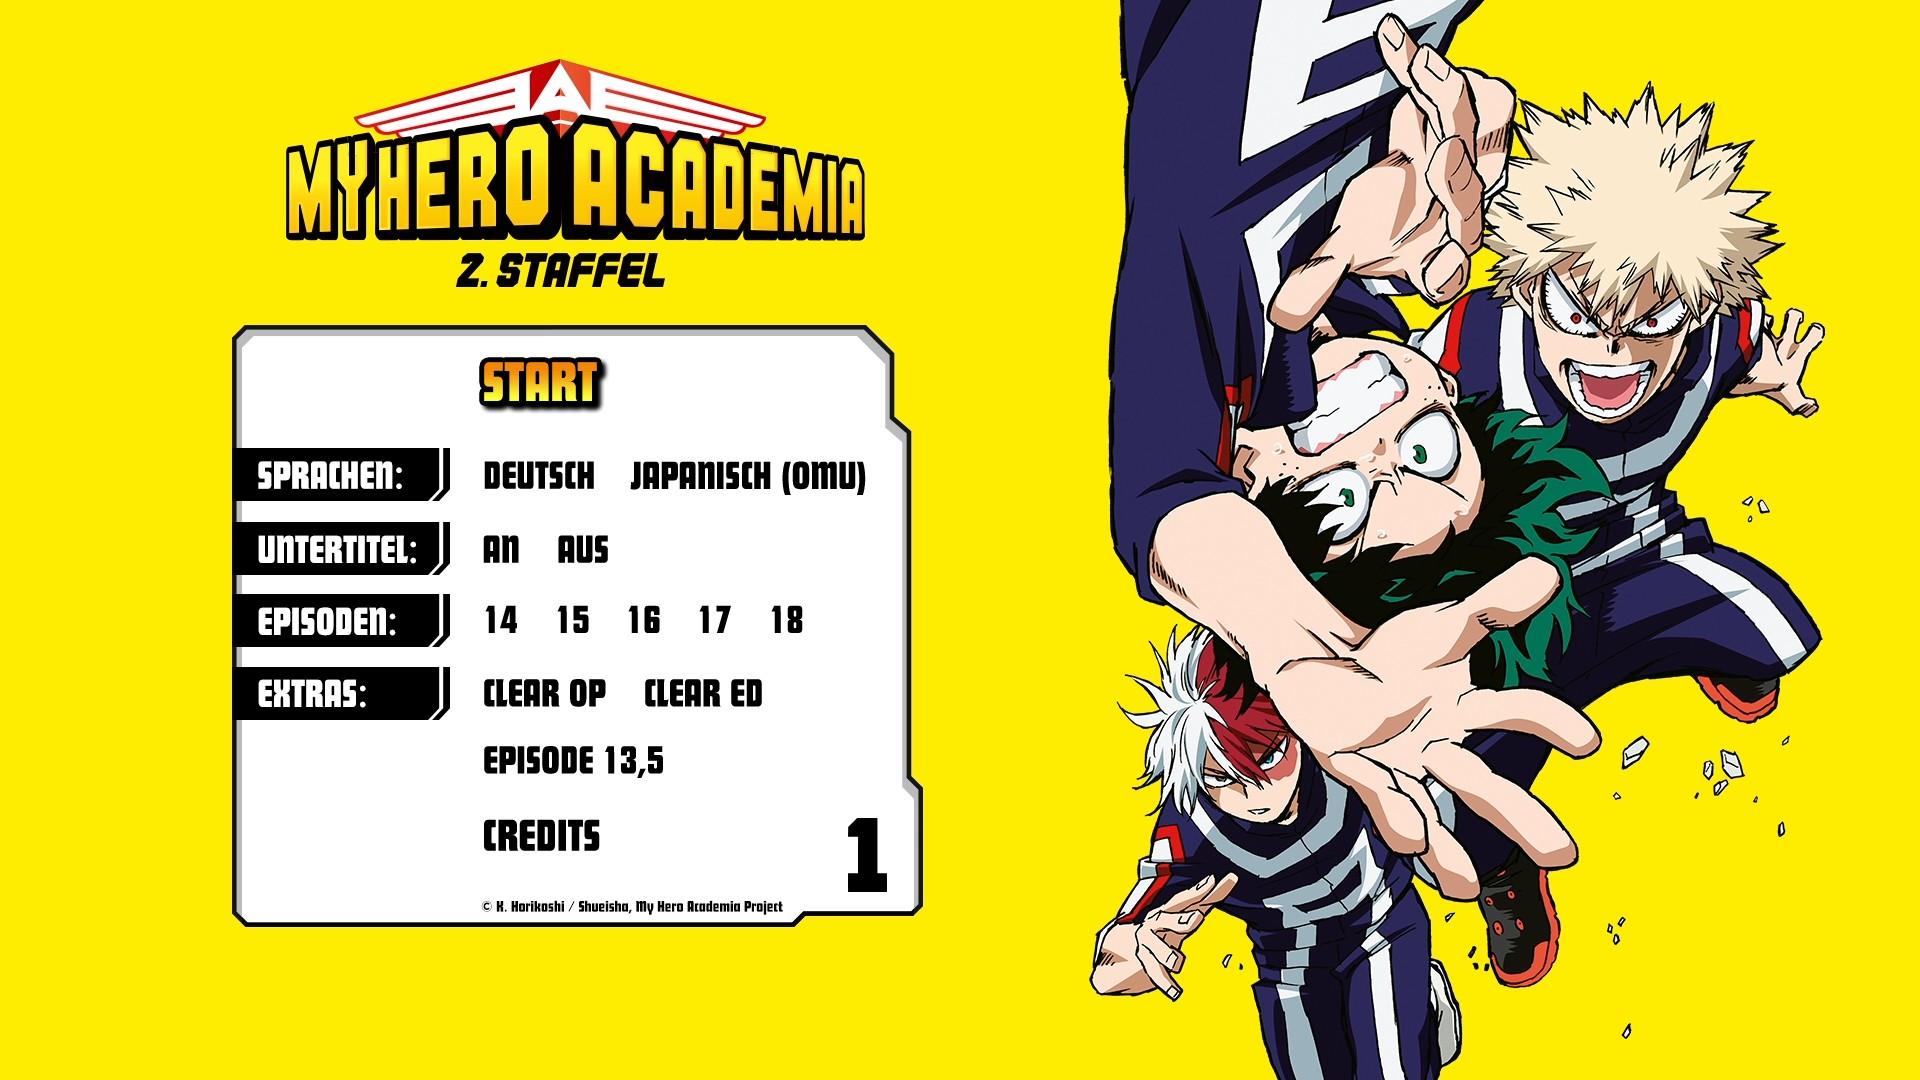 My Hero Academia Staffel 2 Deutsche Synchro